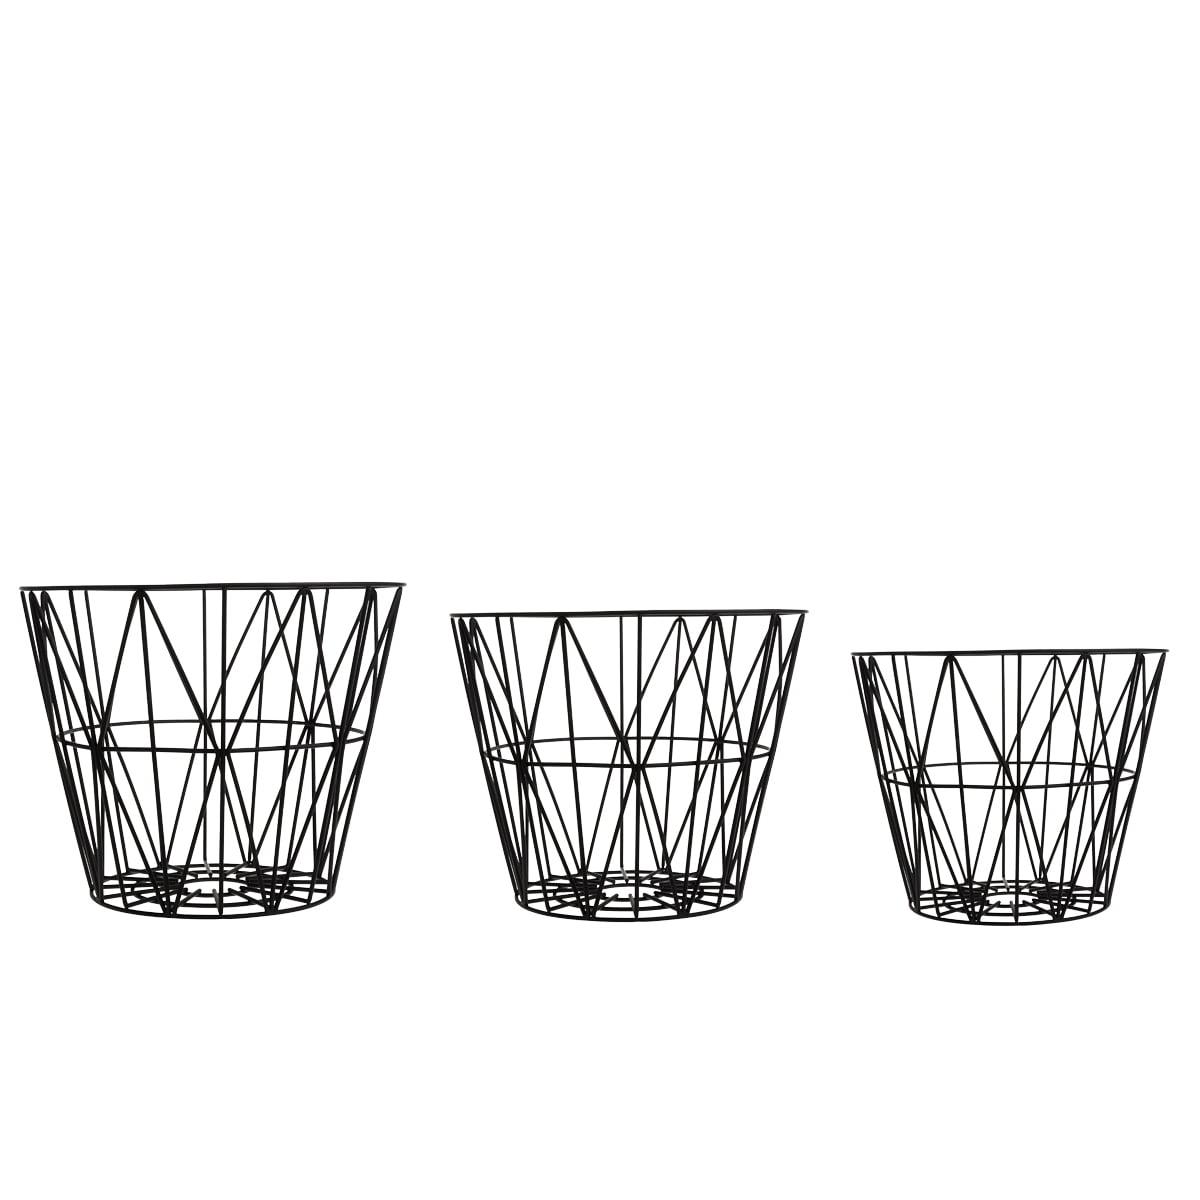 ferm living wire basket large. Black Bedroom Furniture Sets. Home Design Ideas